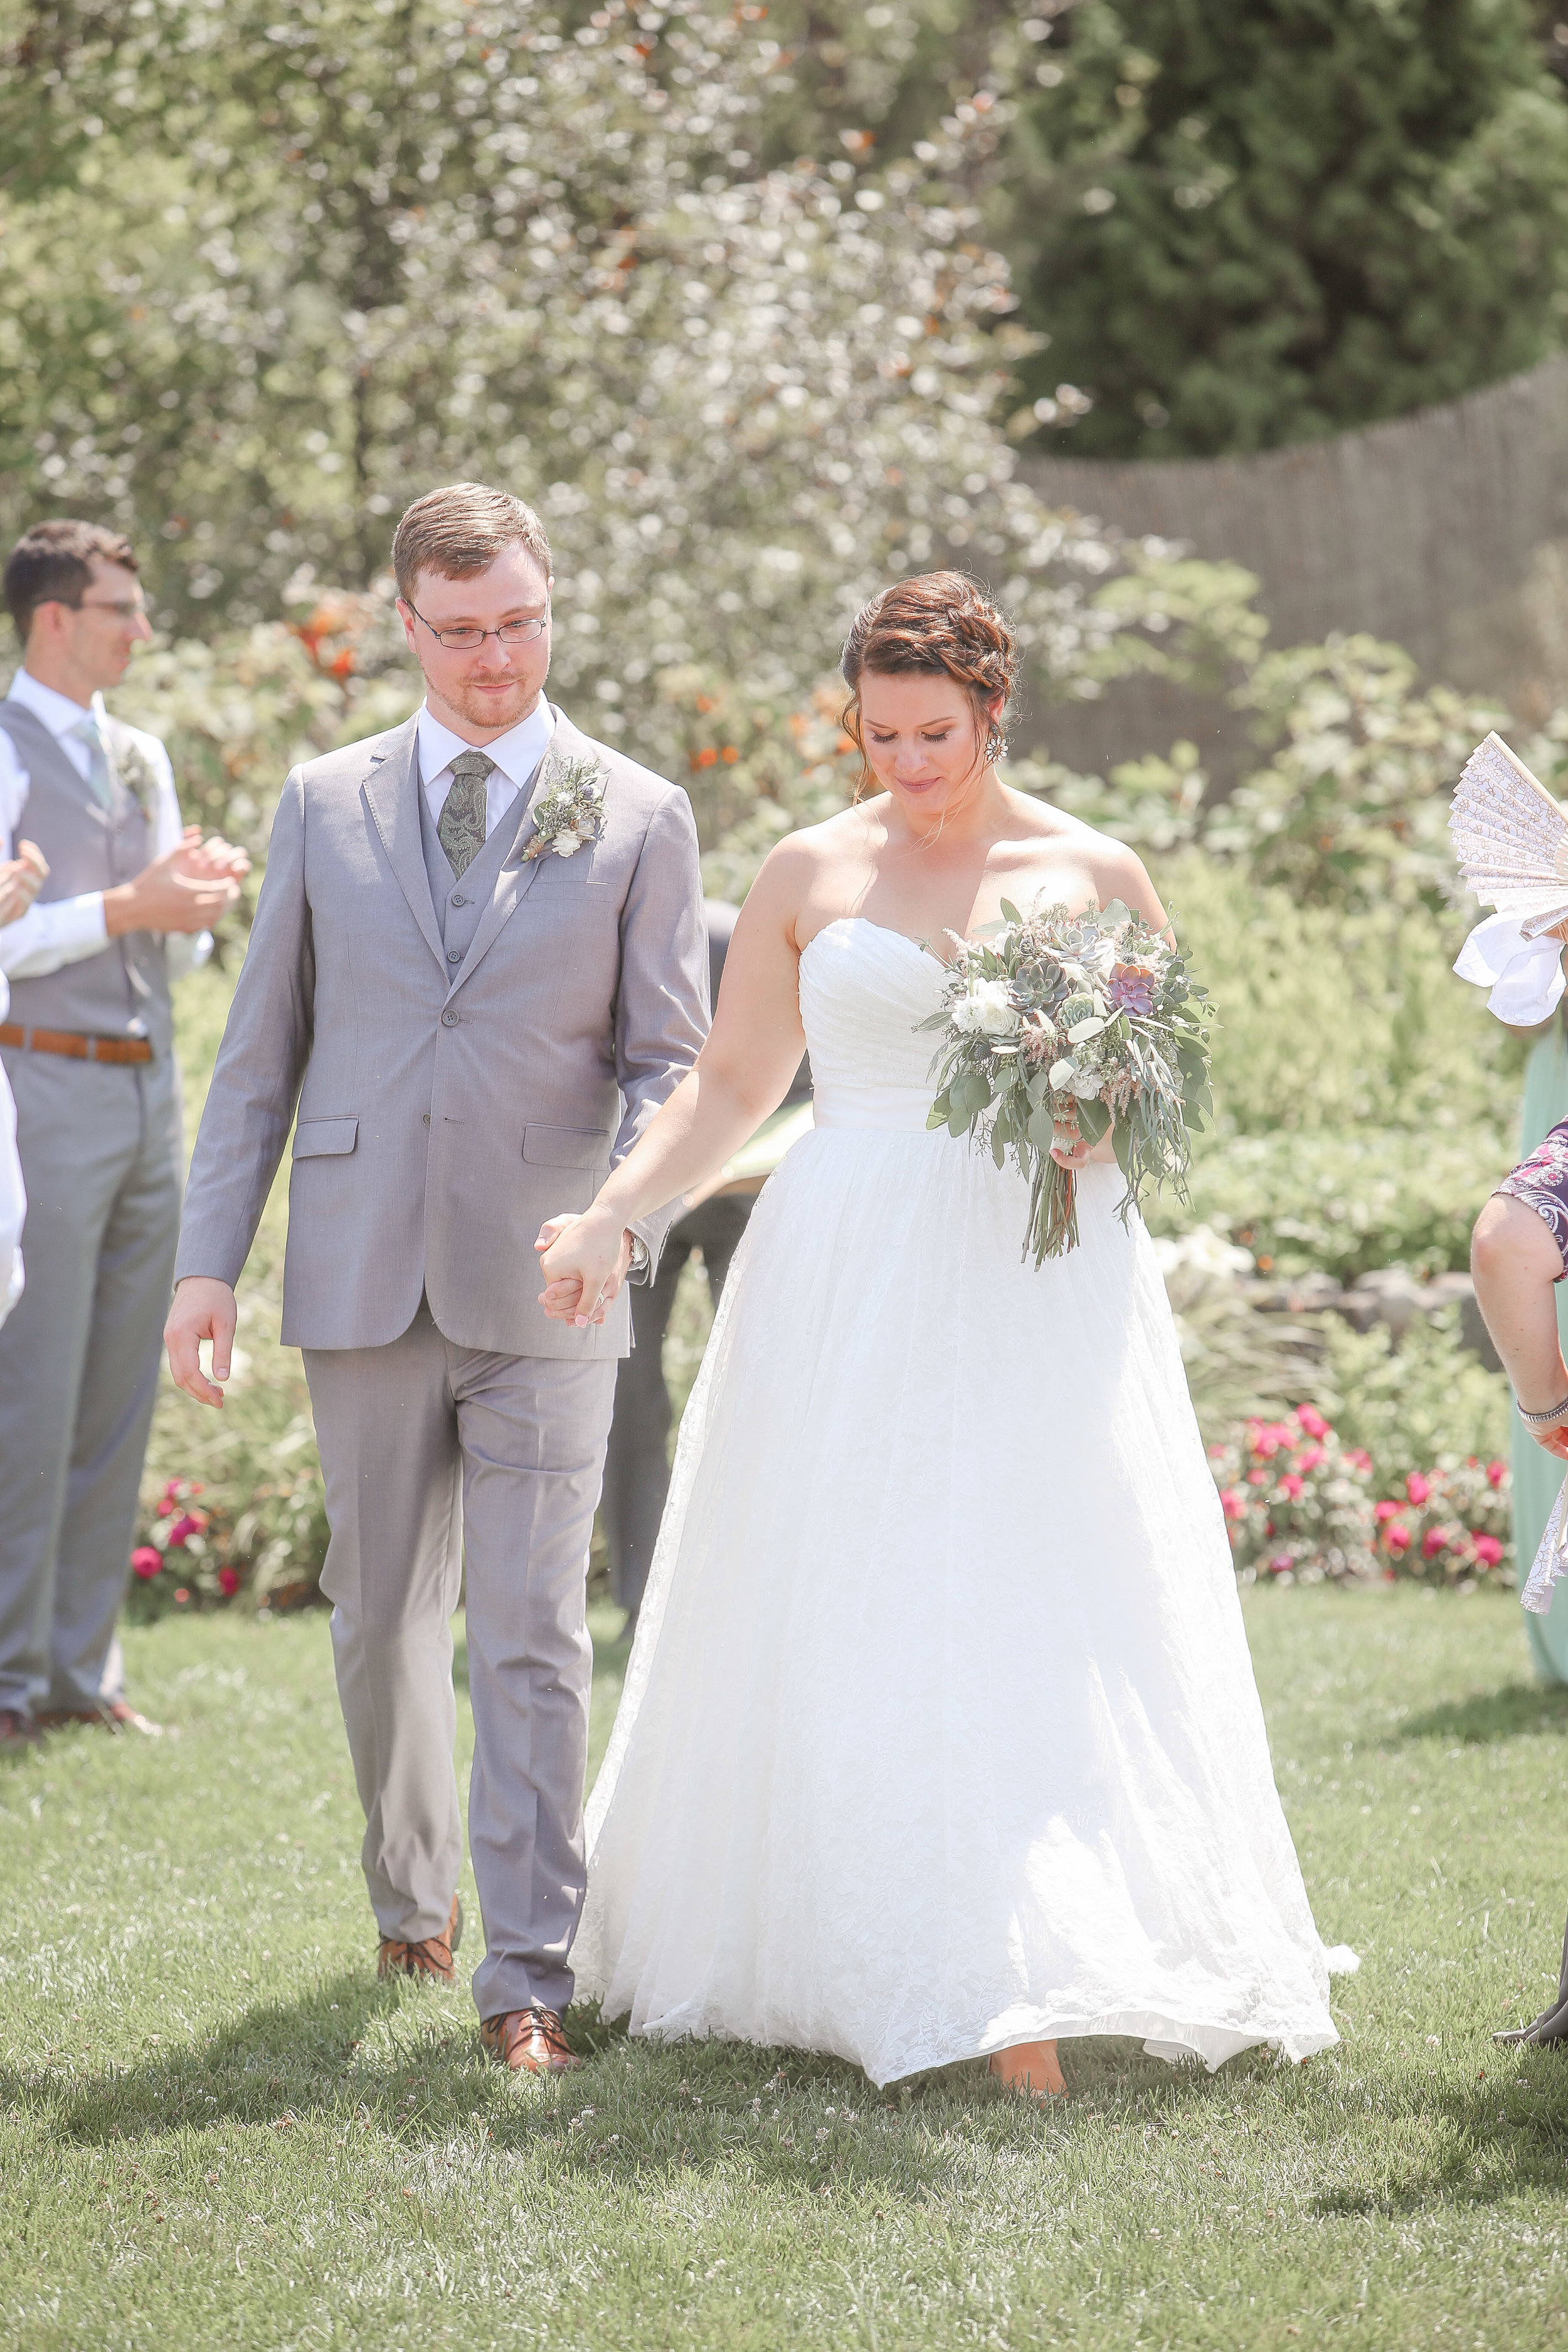 C_Wedding_Sarver, Alyssa & Scott_FOR BLOG-97.JPG